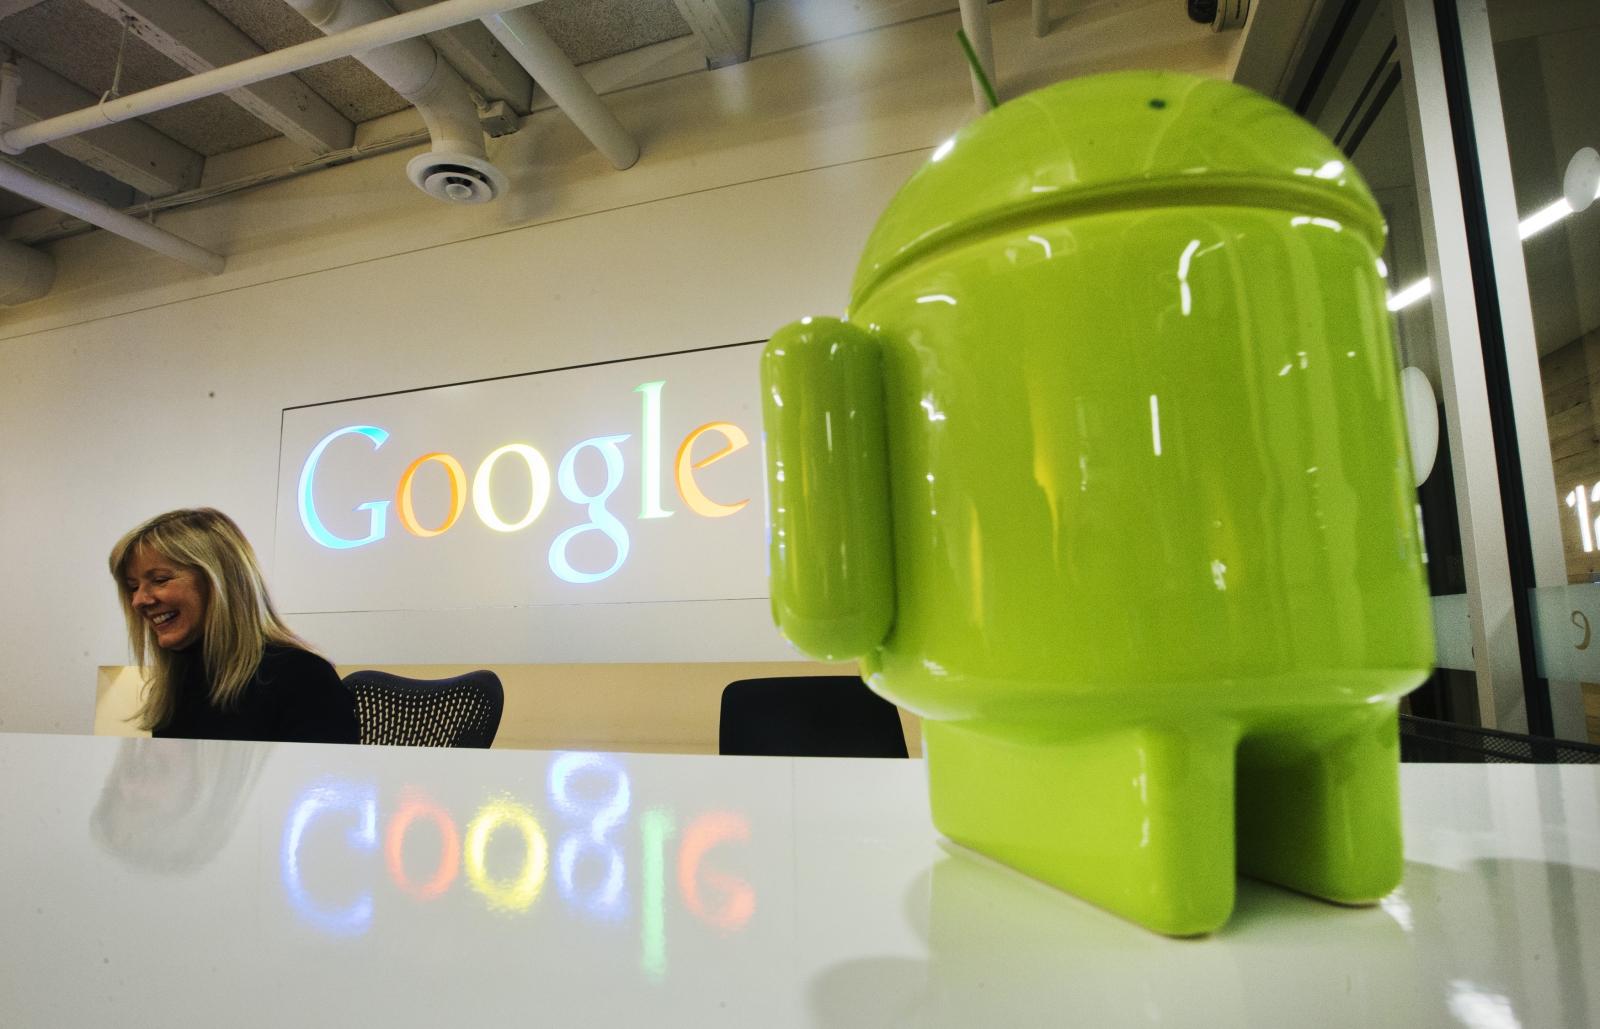 Google Android figurine